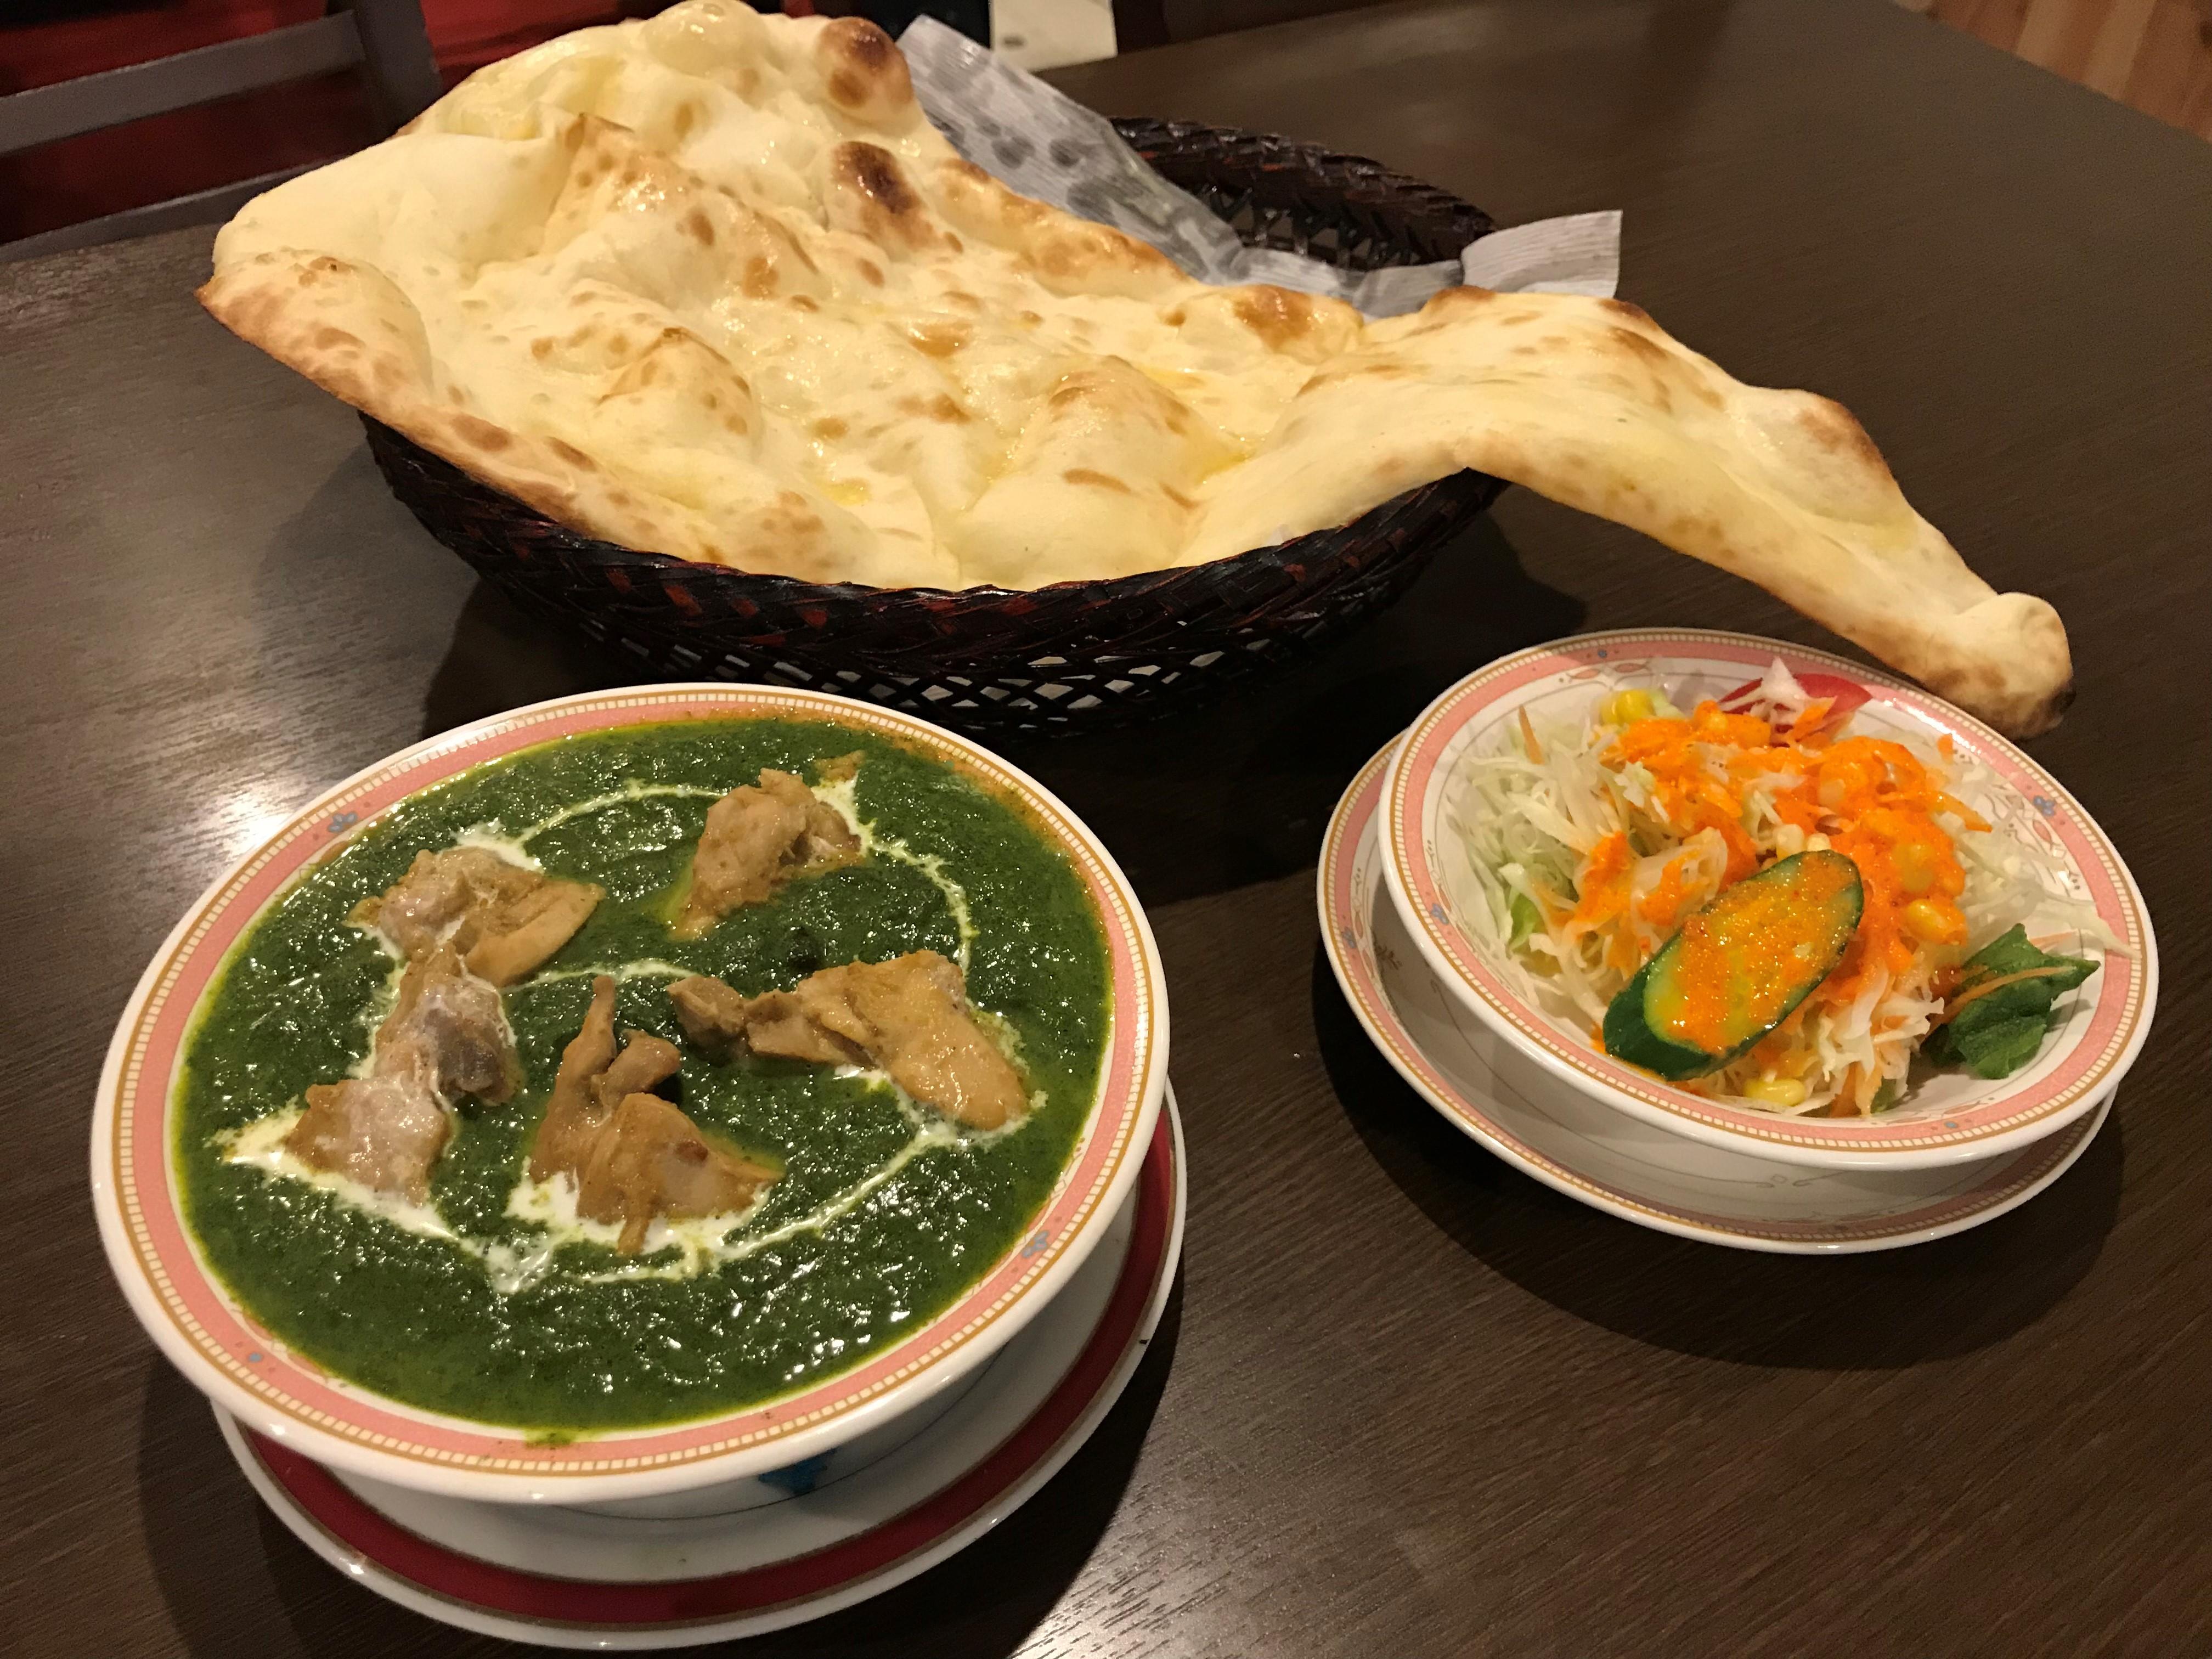 ほうれん草チキンカレーセット(Sag chicken curry set)